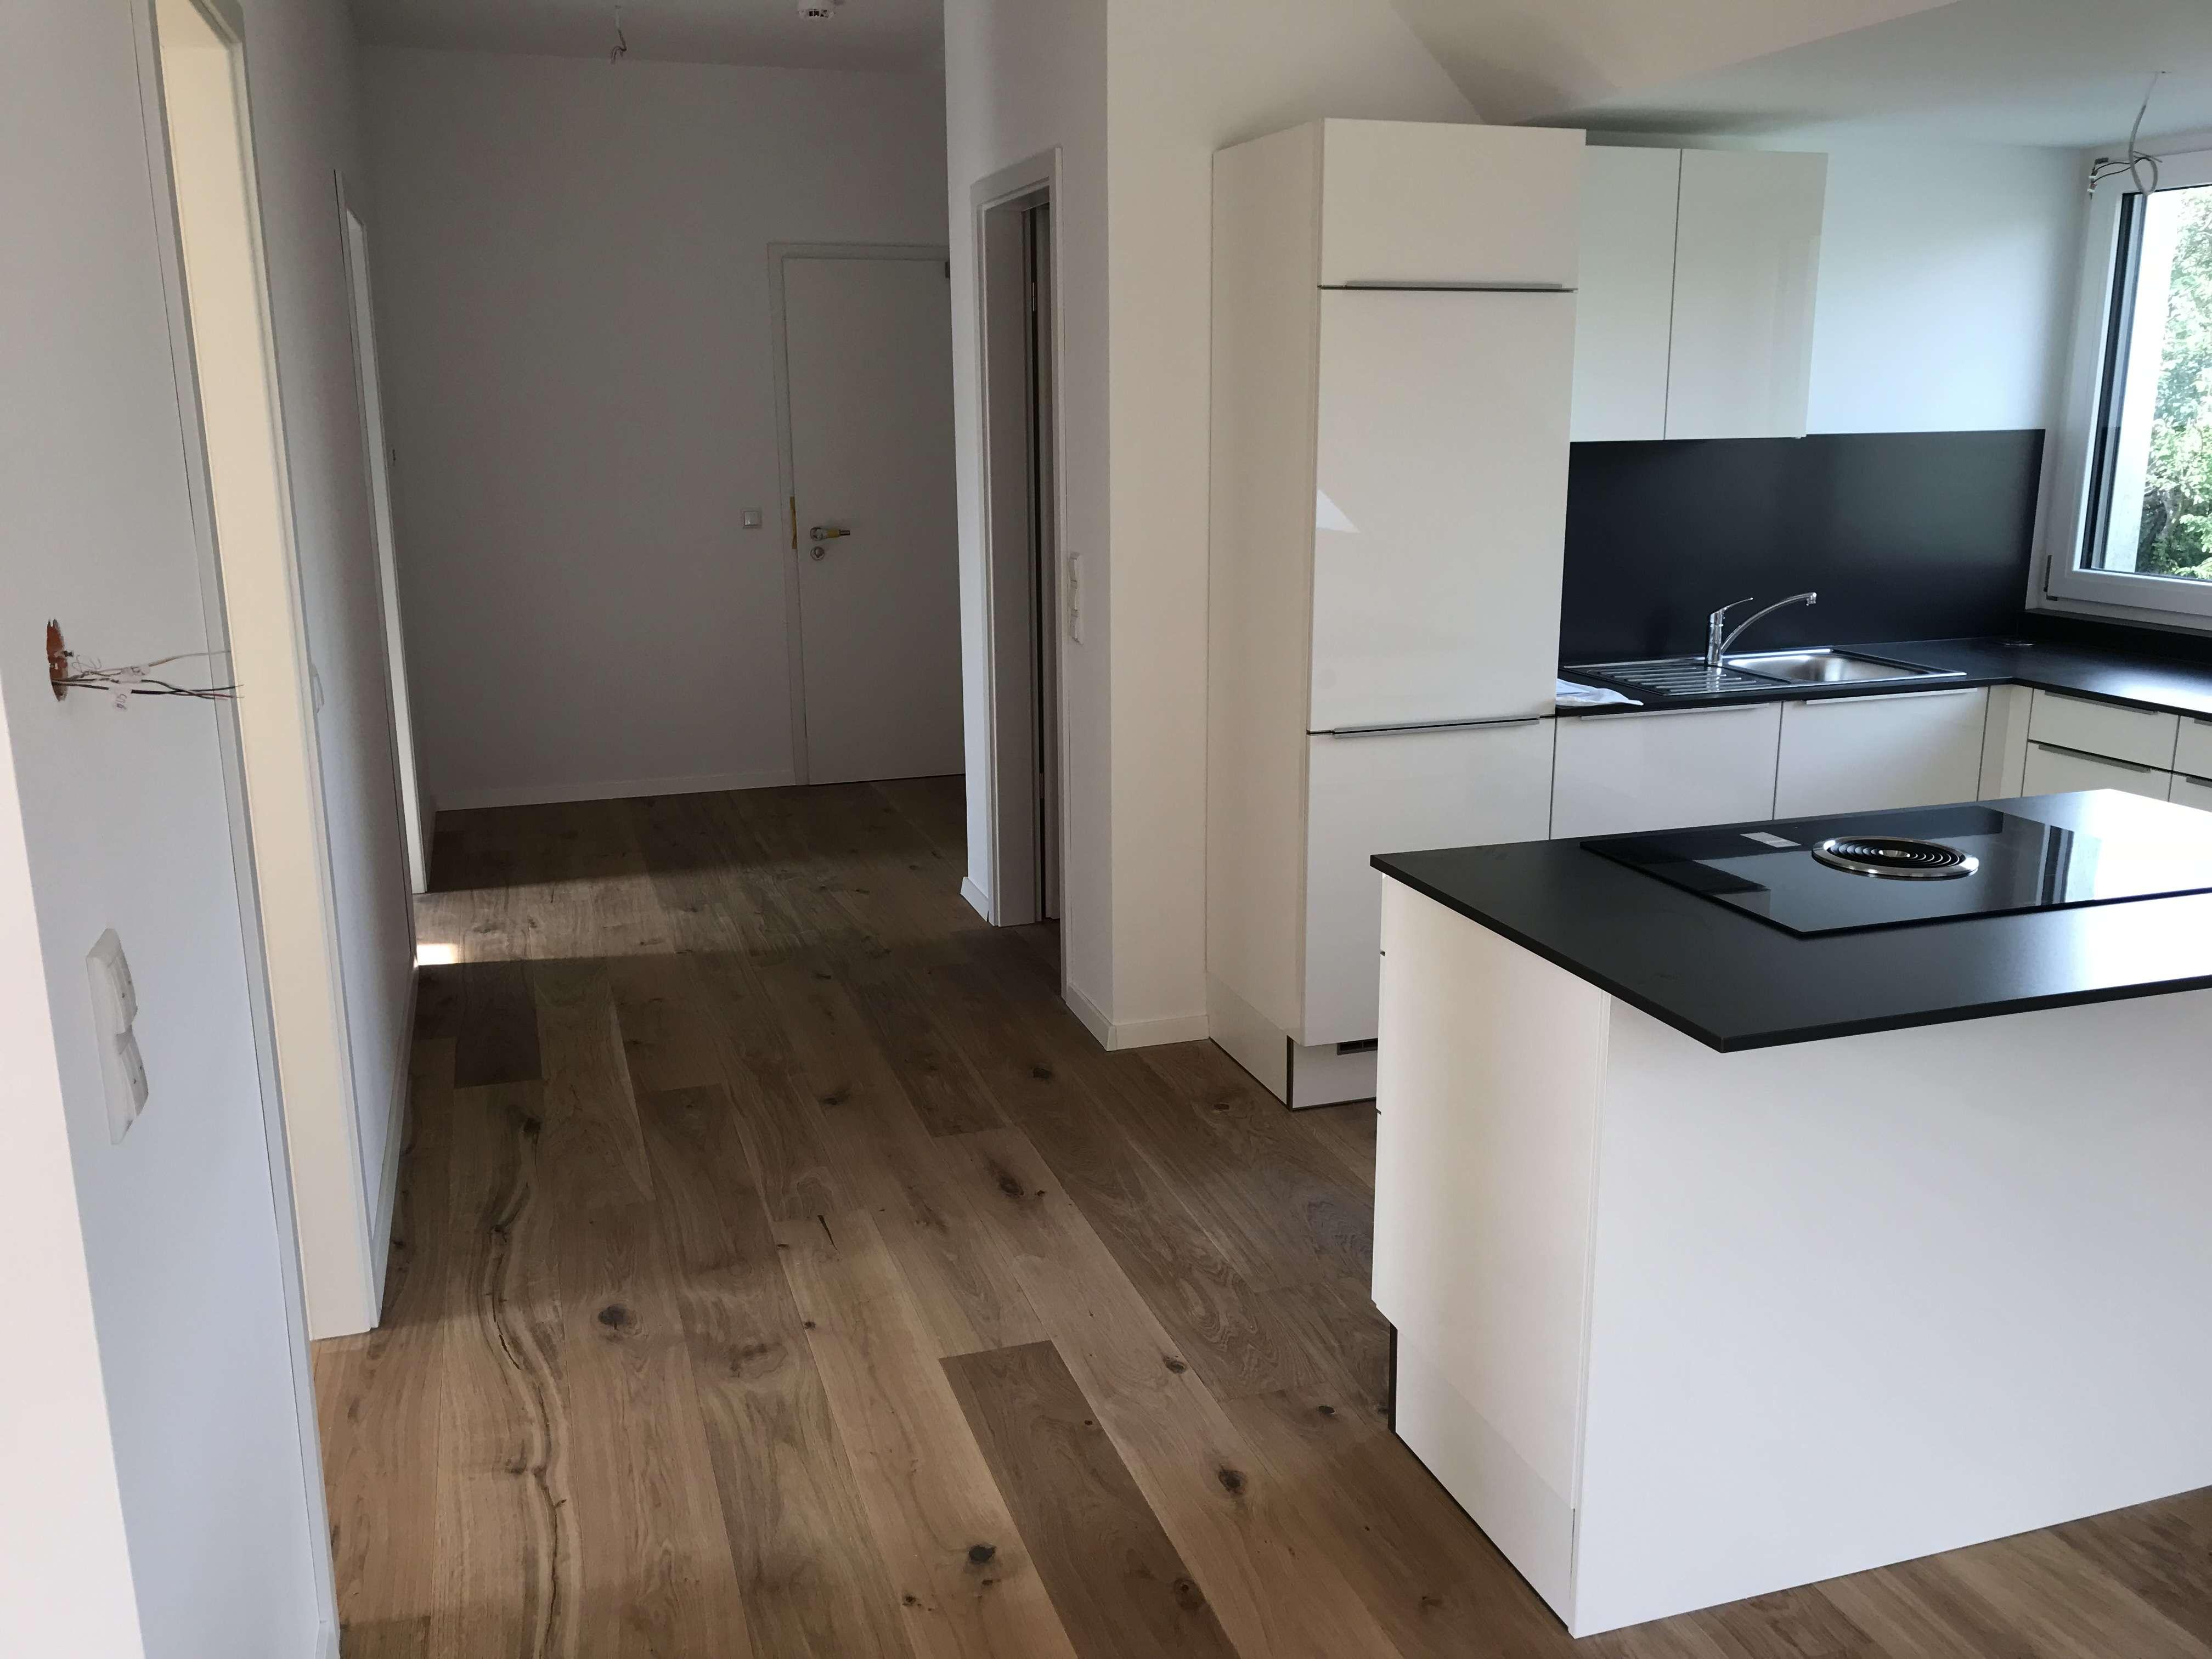 Stilvolle, geräumige und neuwertige 2-Zimmer-Dachgeschosswohnung mit Balkonund EBK in Höchberg in